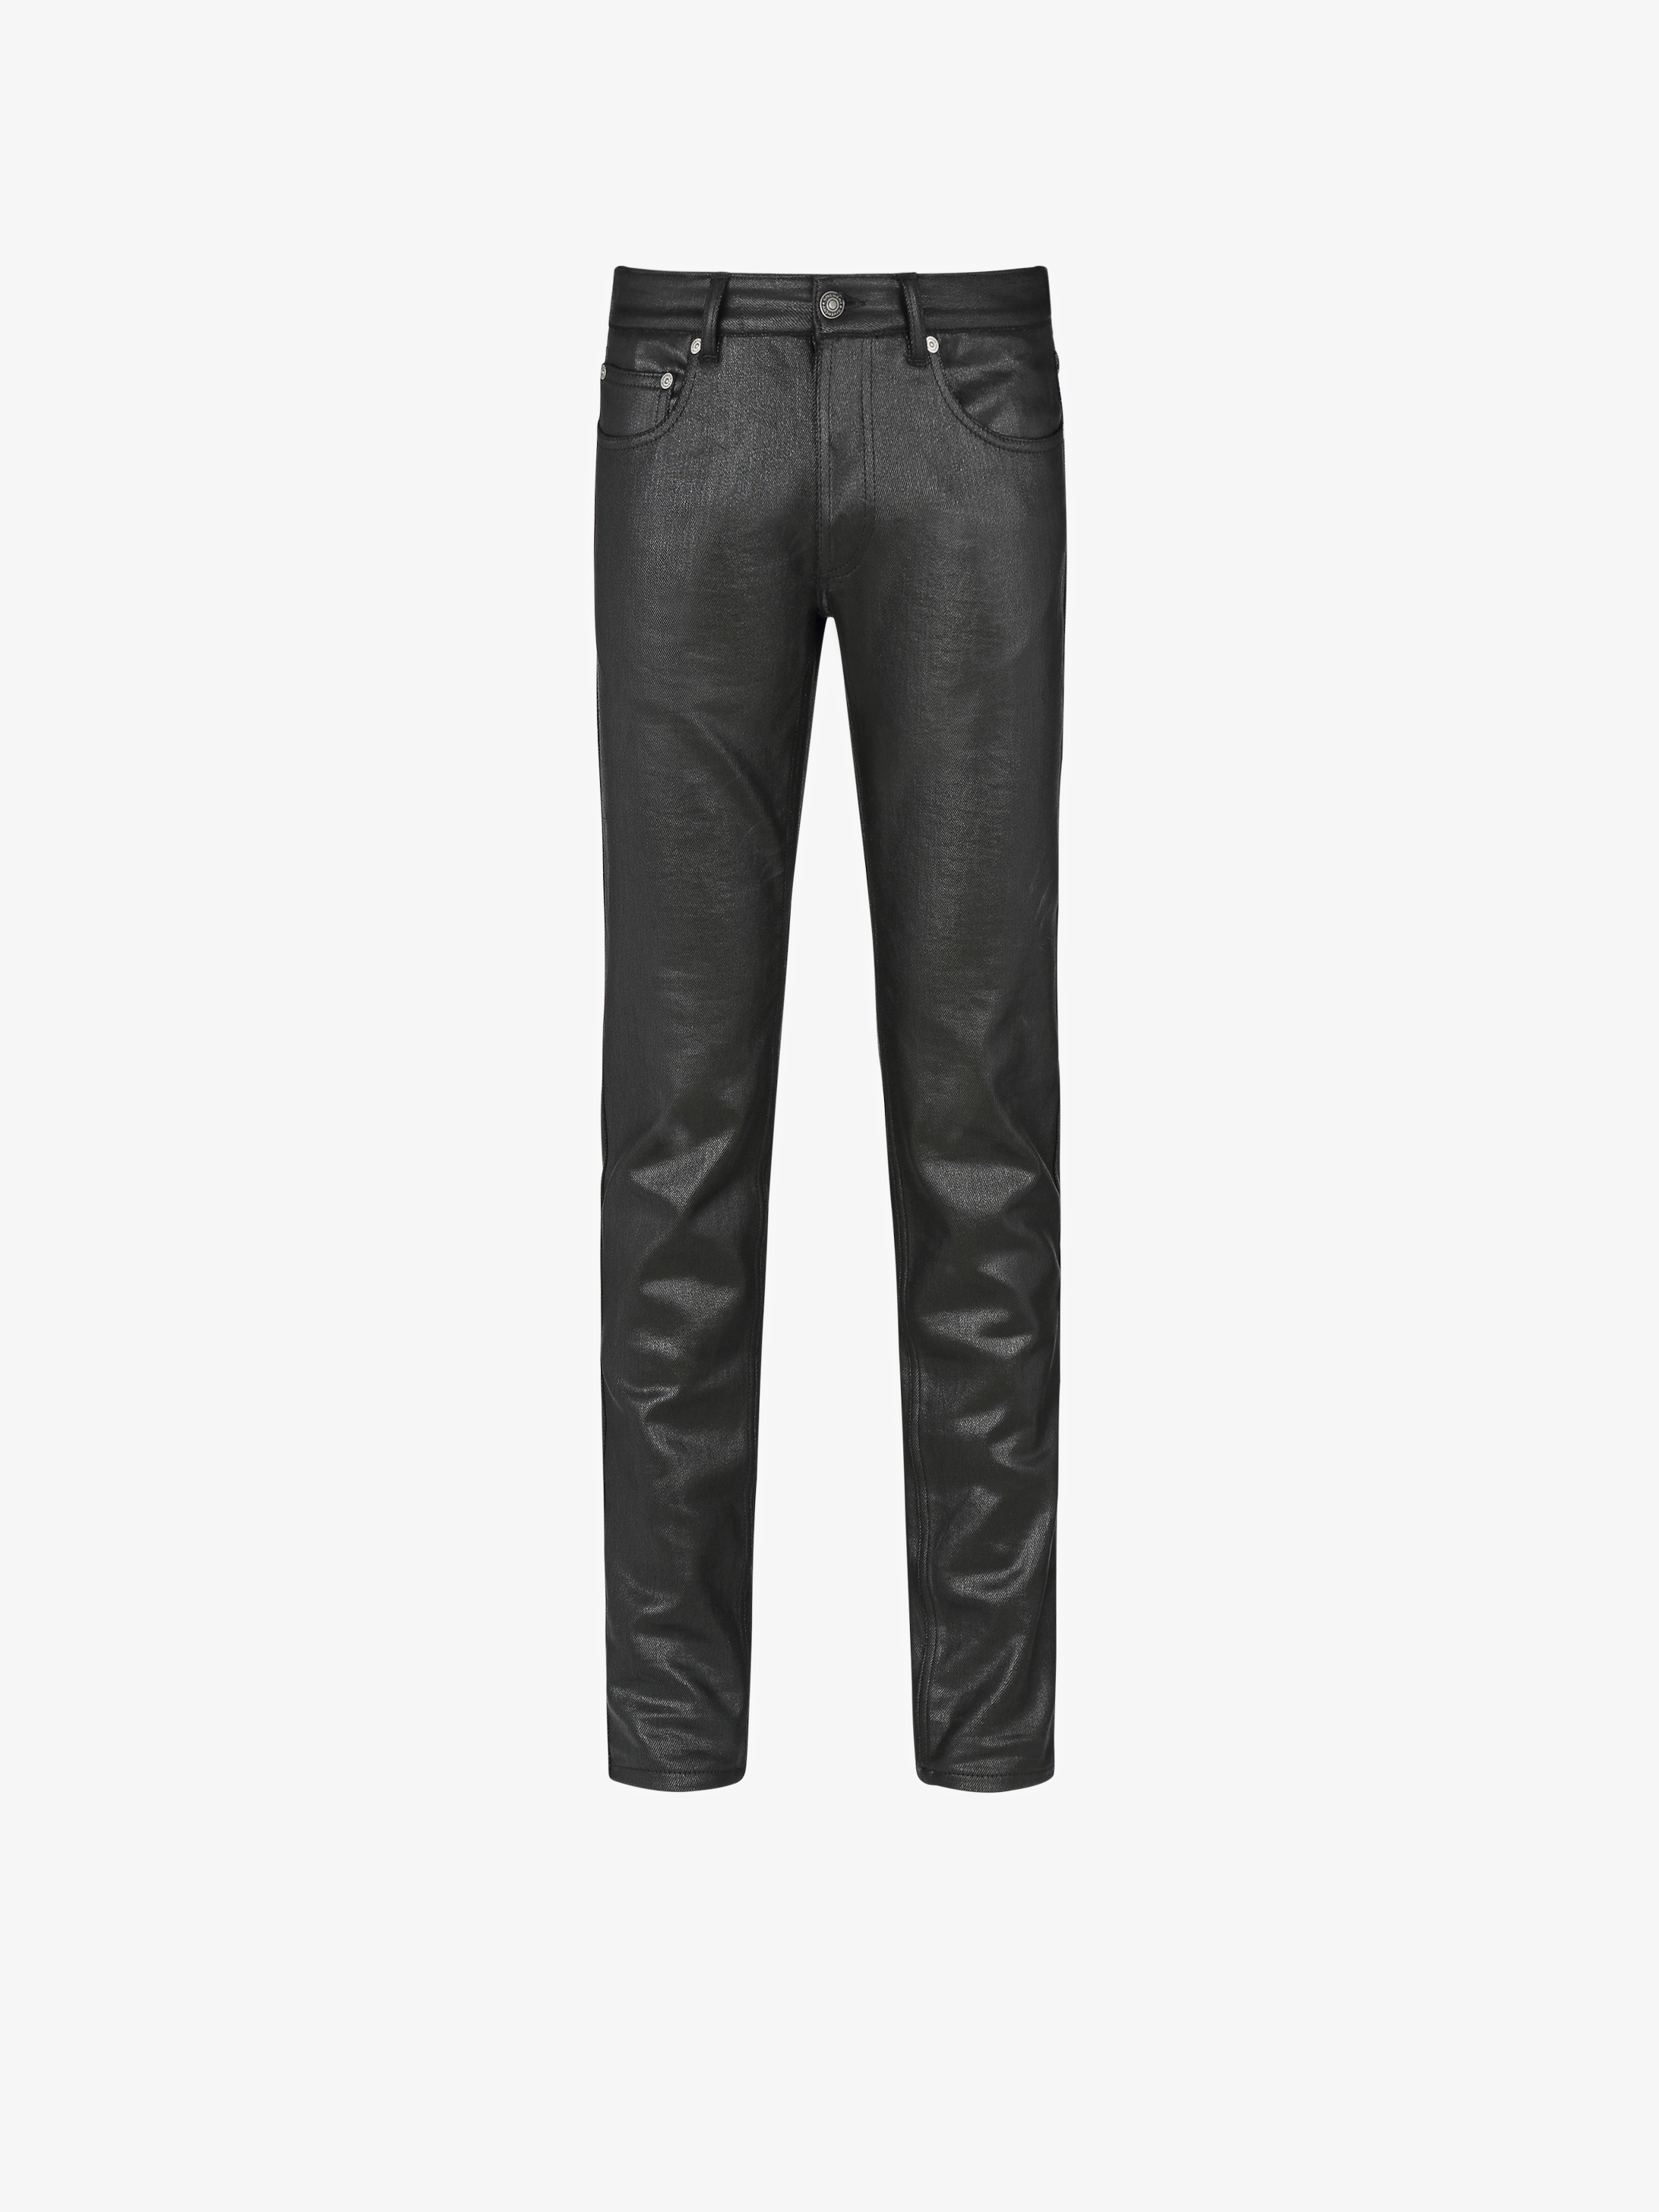 Skinny jeans in coated denim